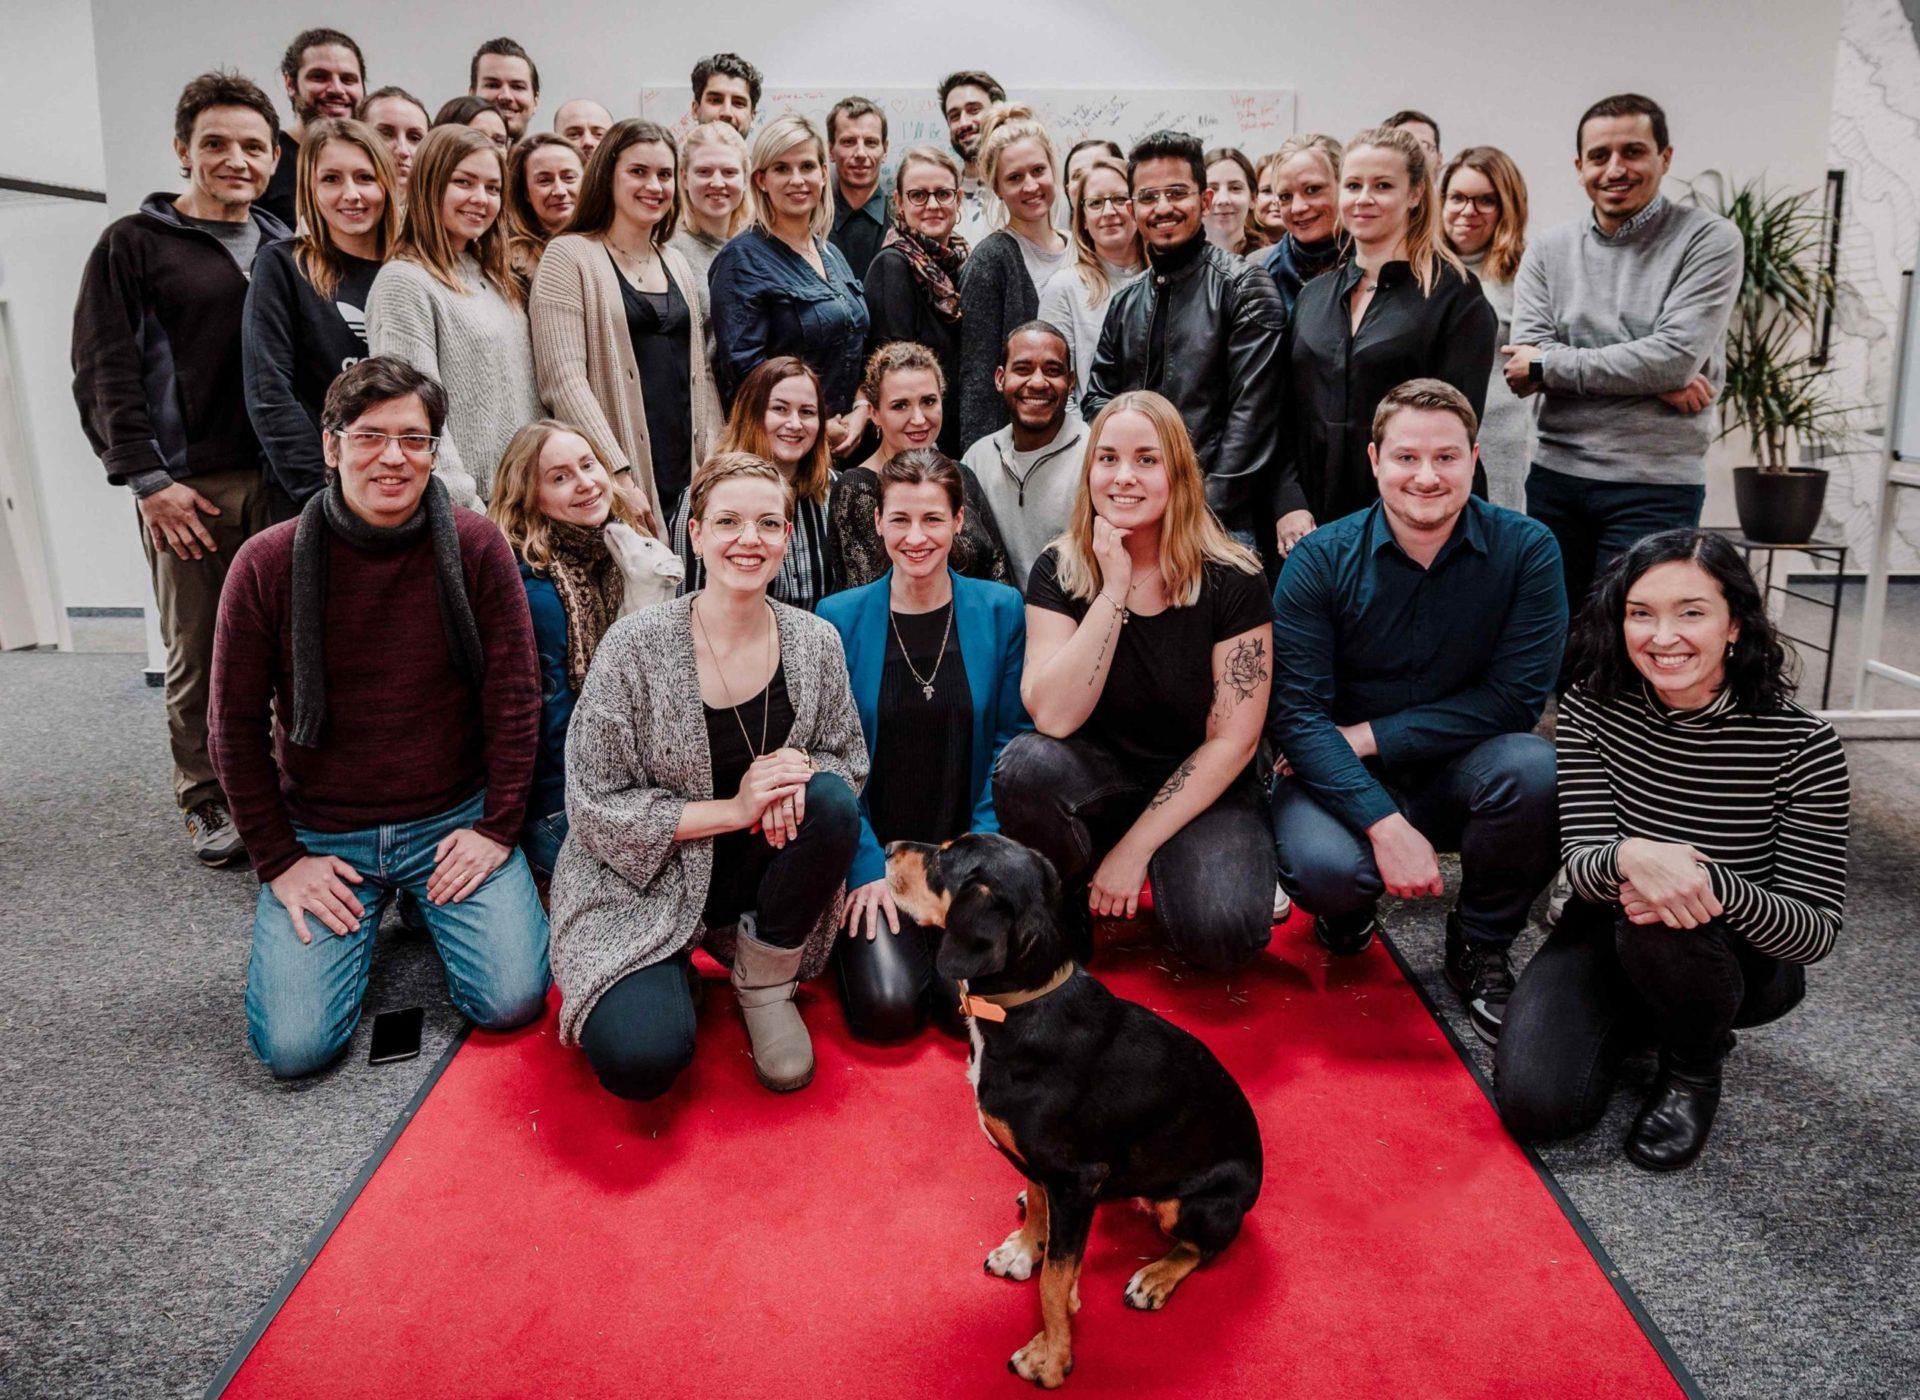 Das vielfältige und engagierte Team von ucm.agency setzt auf Zusammenhalt und Menschennähe